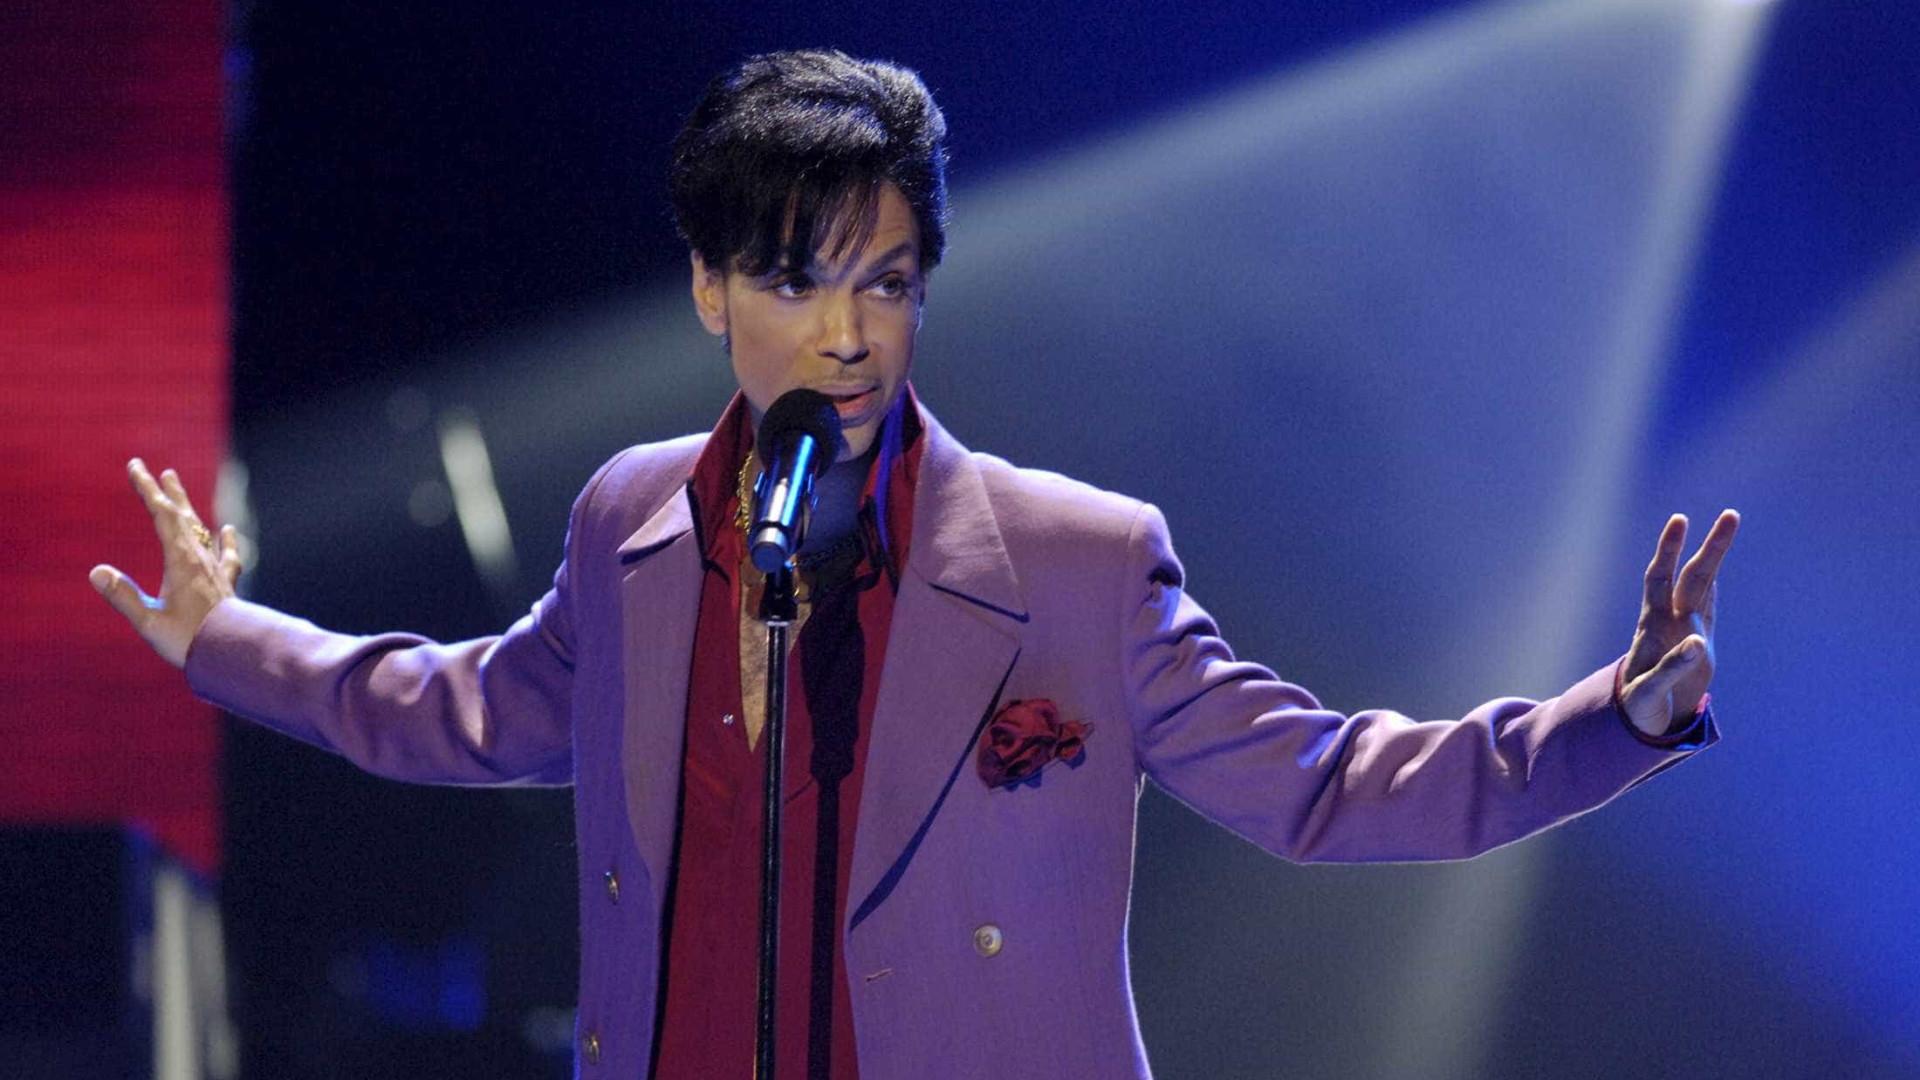 Prince: inquérito não identifica suspeito da morte do cantor